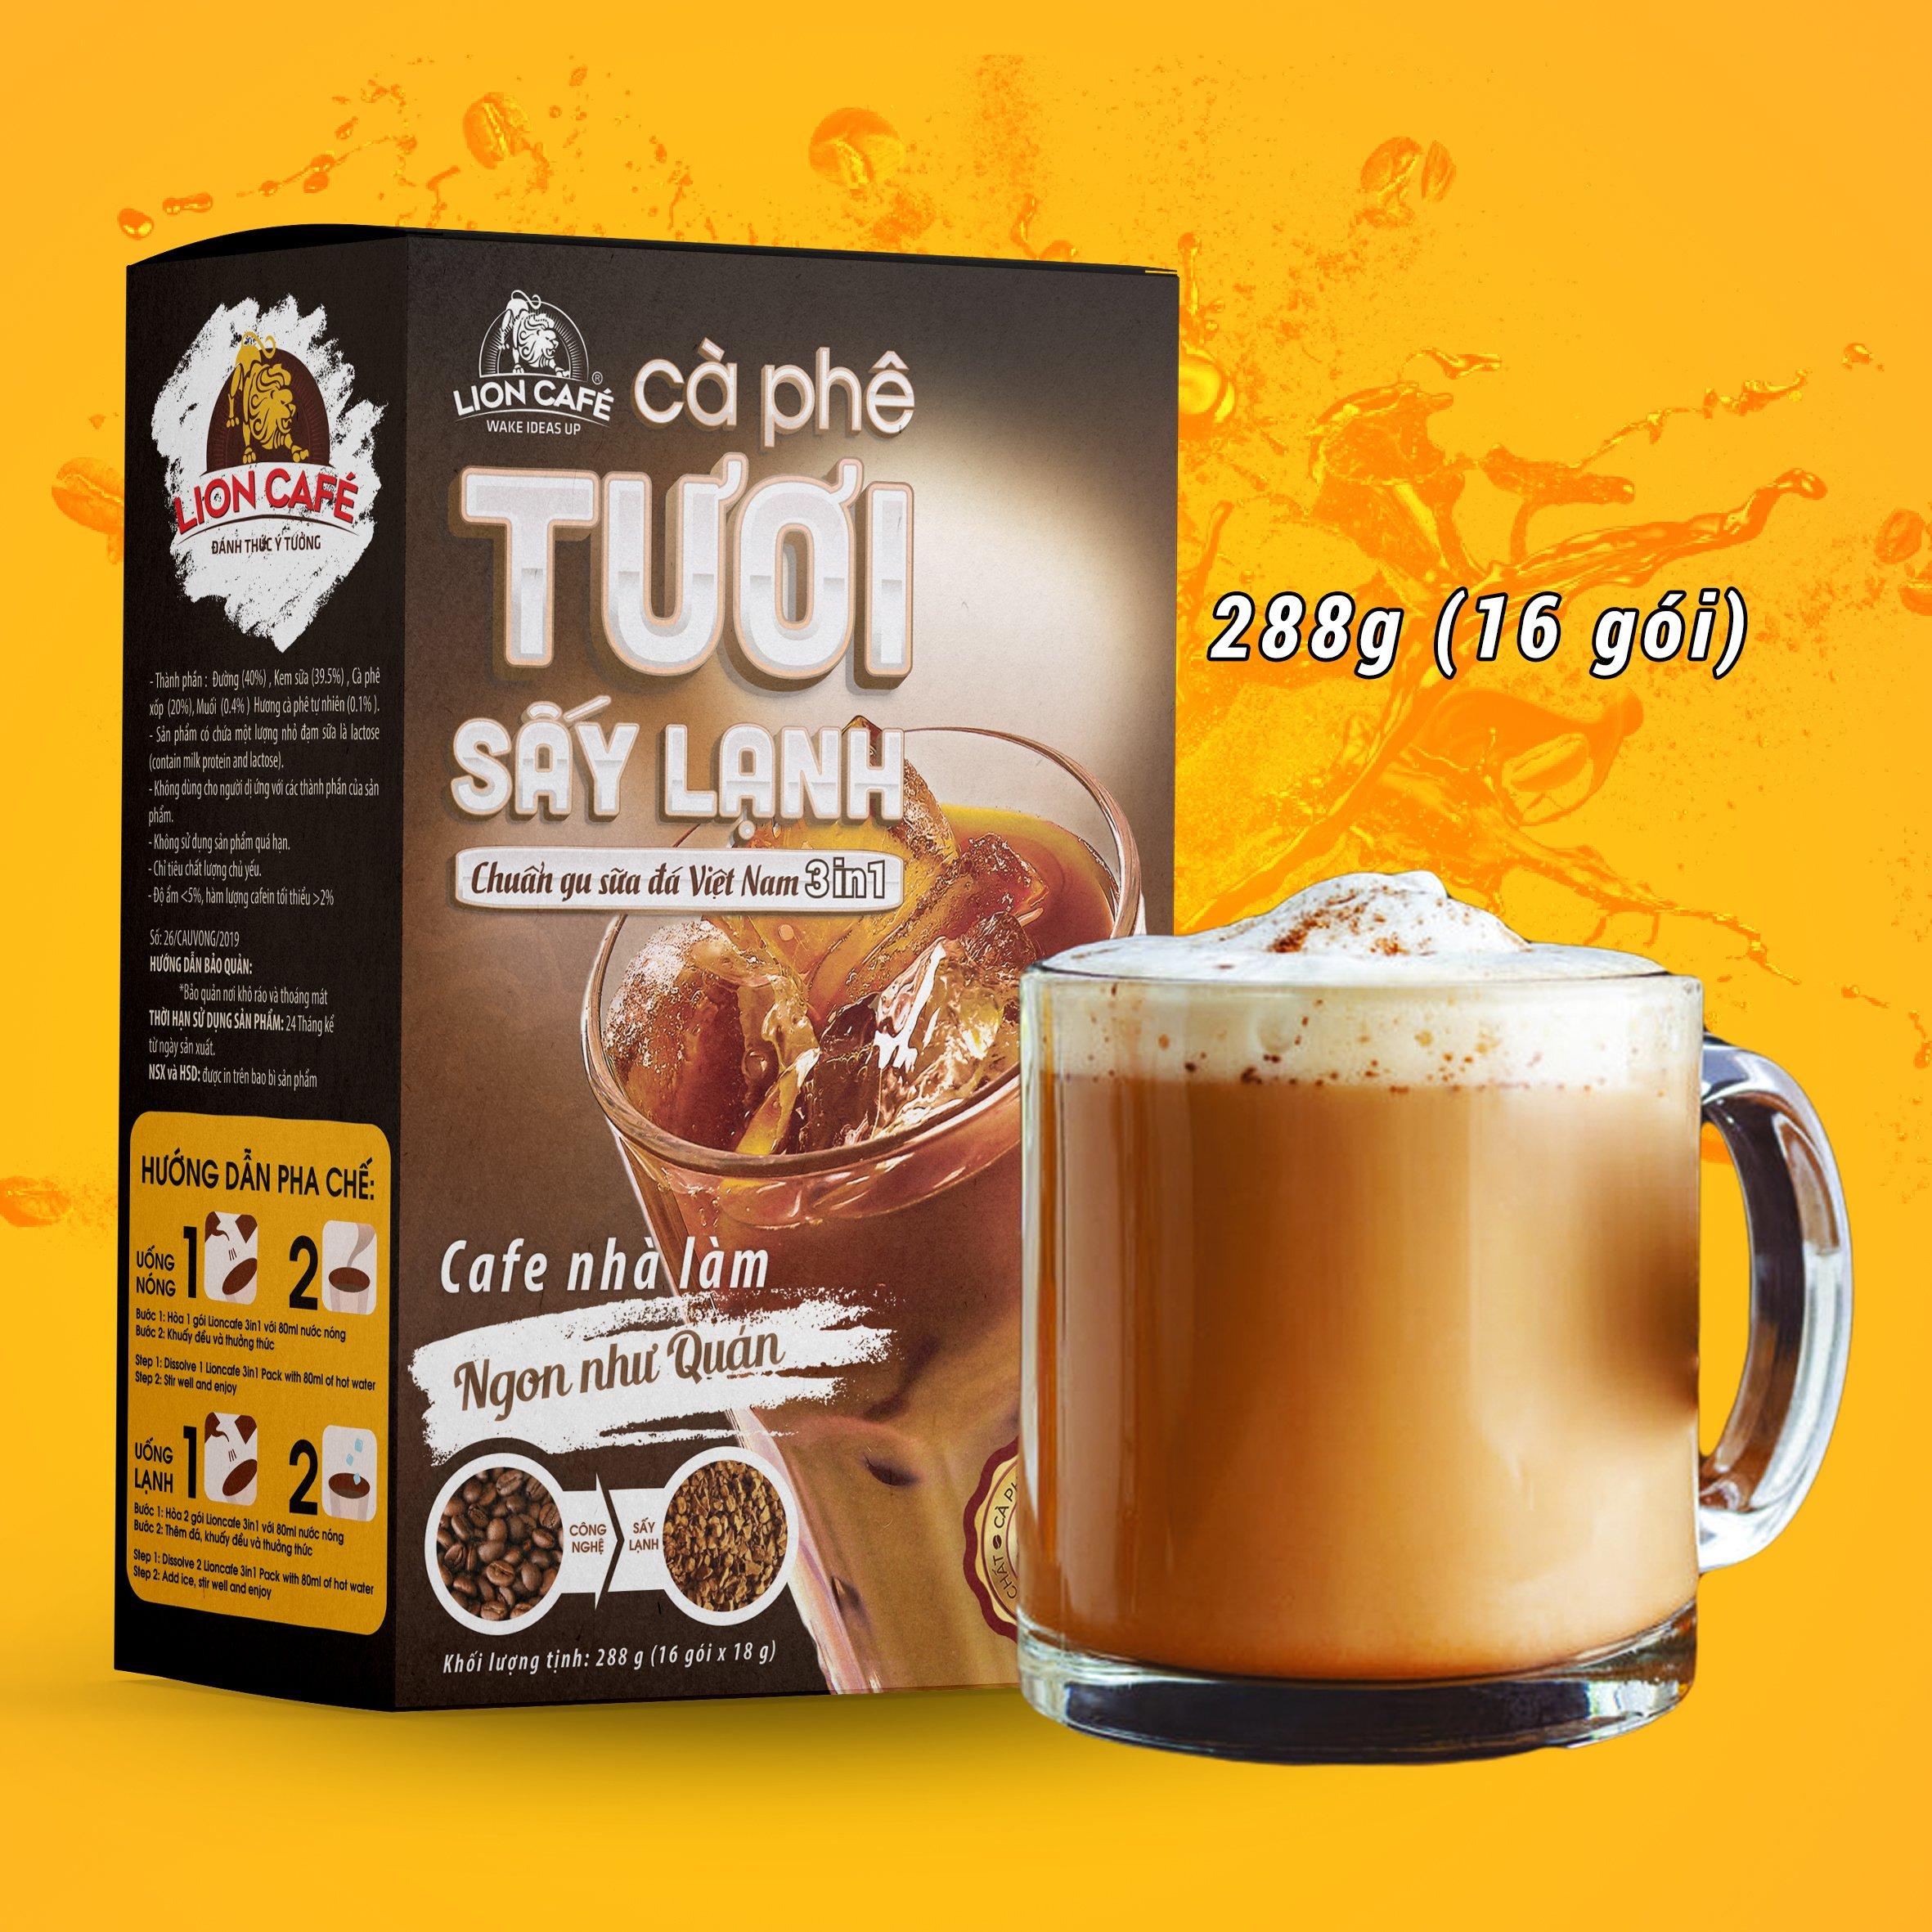 Cà phê tươi hòa tan LION 3in1 sấy lạnh